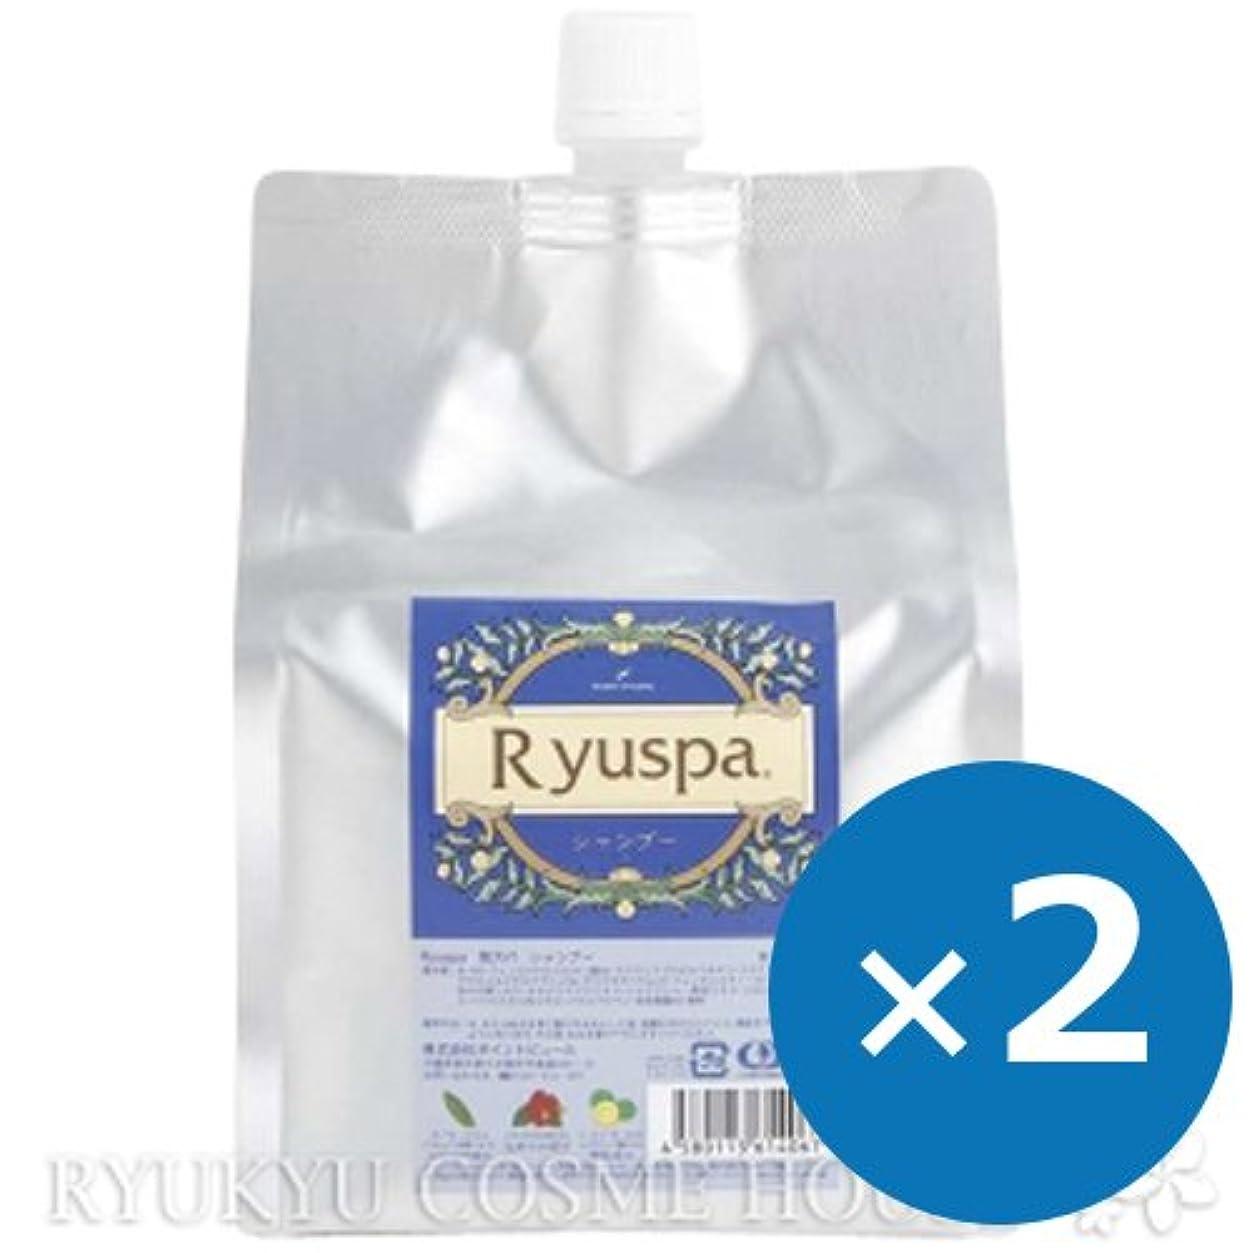 小間差し迫った乳白色Ryuspa リュウスパ シャンプー 詰め替え用 1000ml×2個